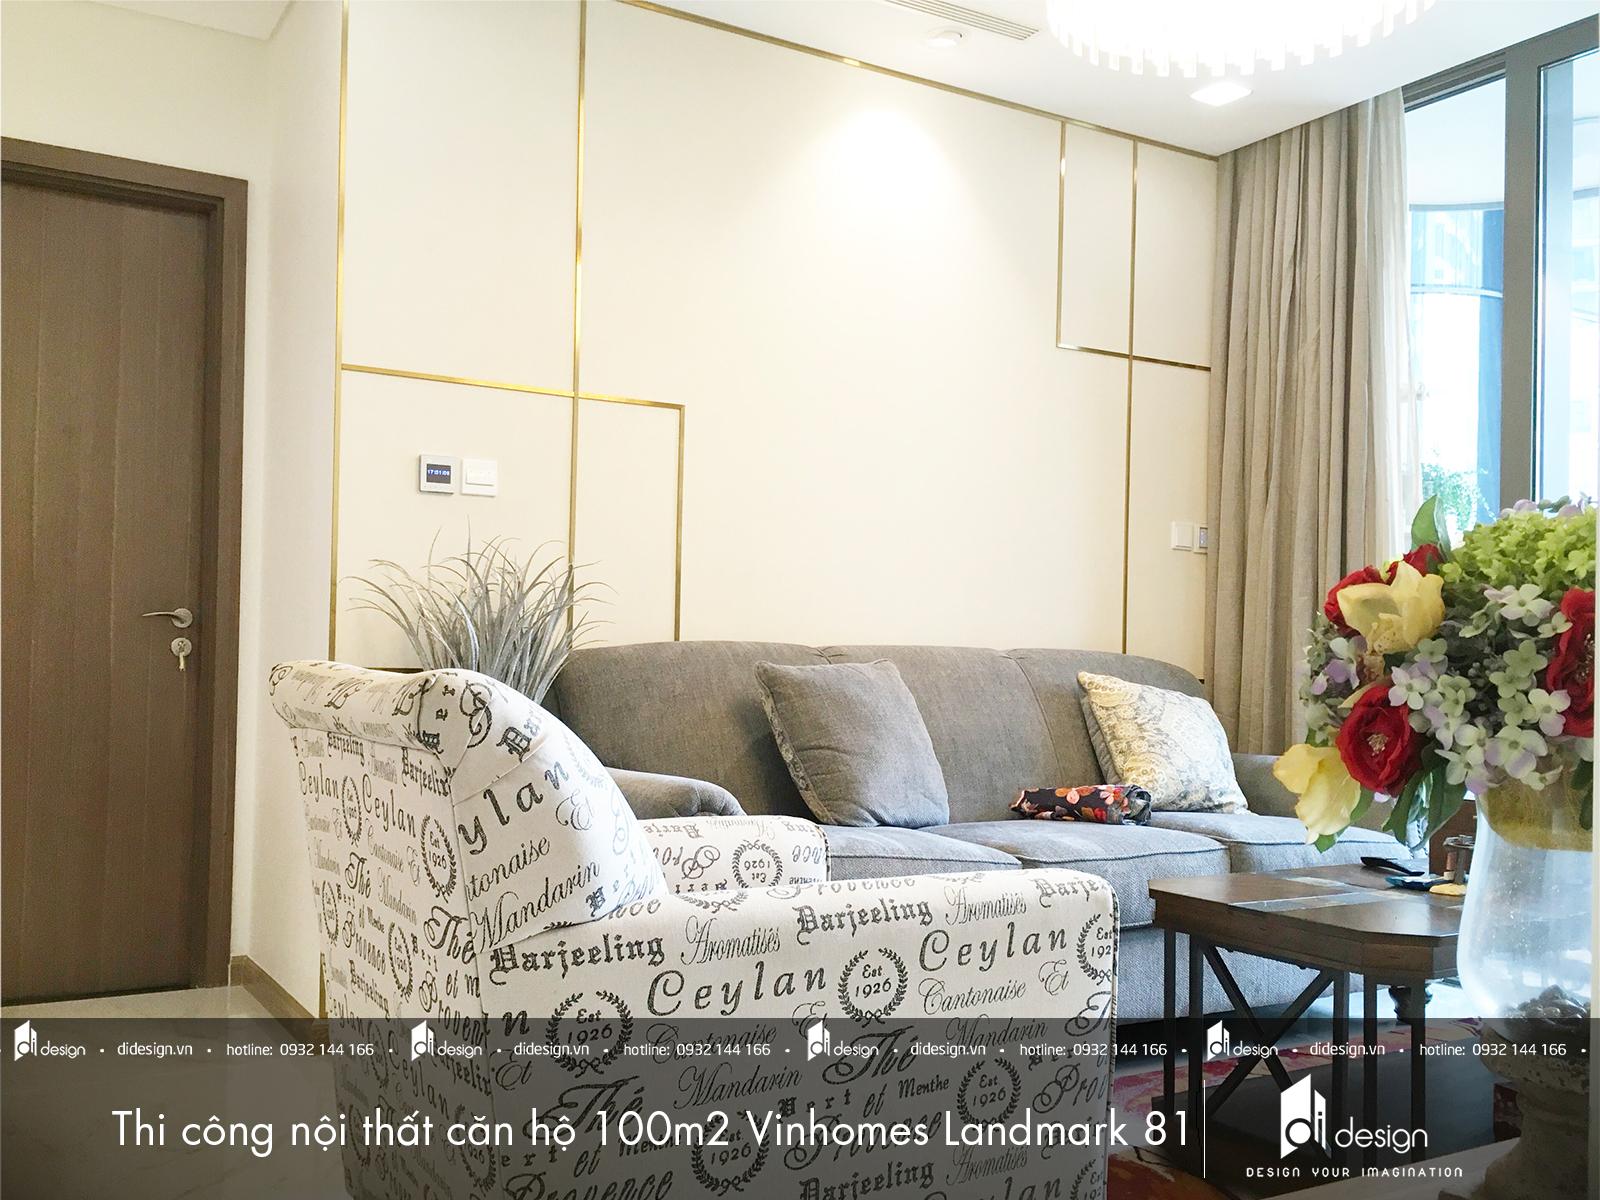 Thi công nội thất căn hộ 100m2 Vinhomes Landmark 81